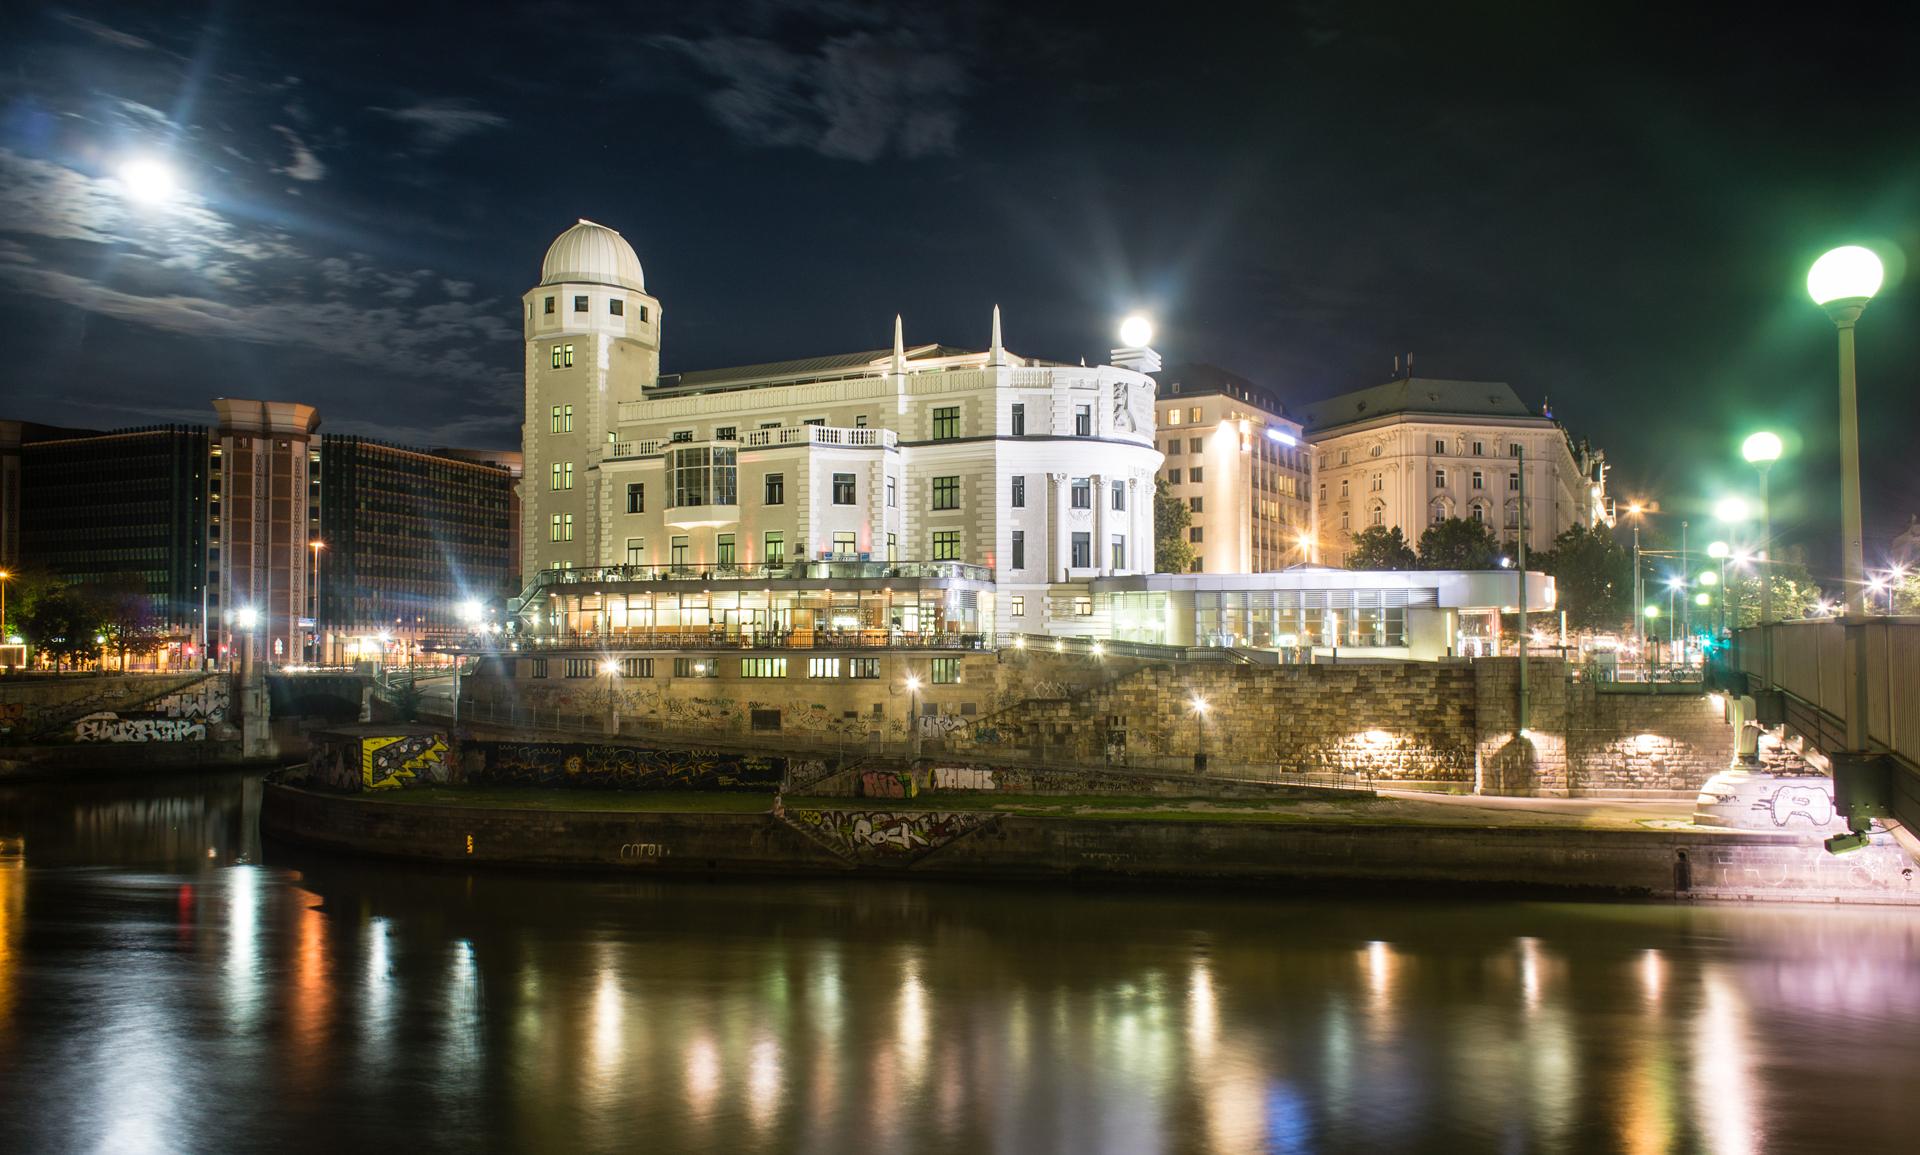 Stadtrundfahrt Wien bei Nacht, Sternwarte Urania